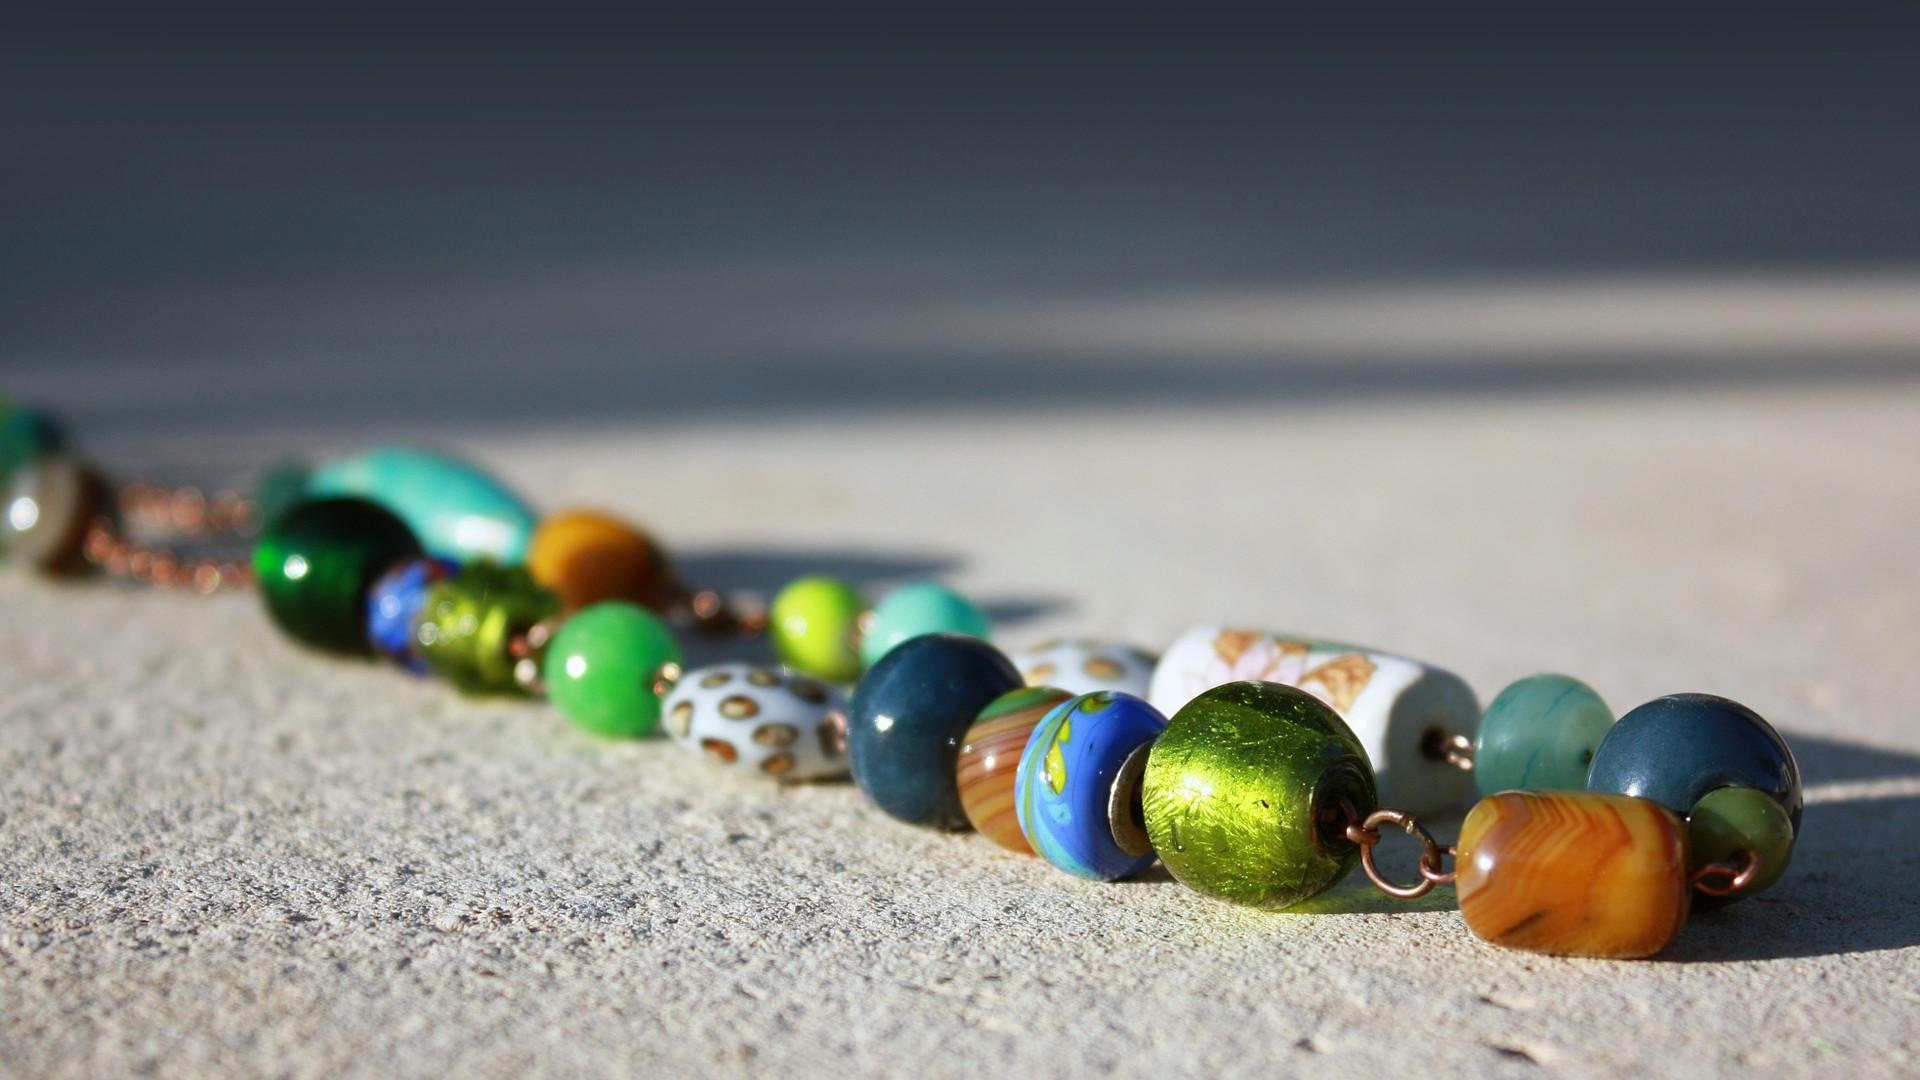 86eb49628a9 Les bijoux fantaisies de créateur   un cadeau original et coloré ...